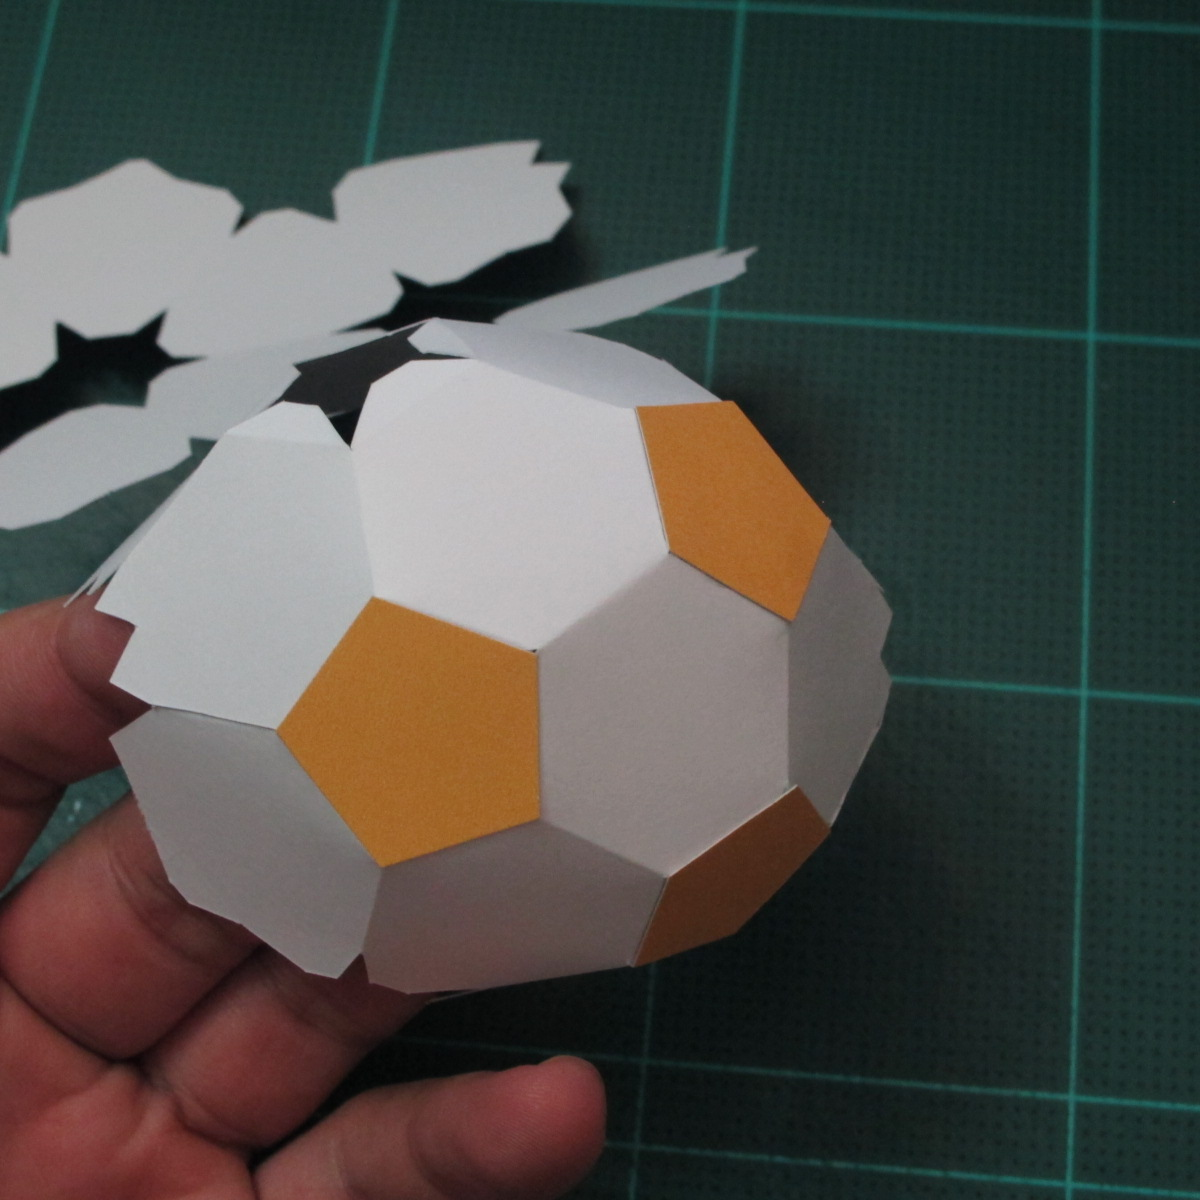 วิธีทำโมเดลกระดาษหมีบราวน์ชุดบอลโลก 2014 ทีมบราซิล (LINE Brown Bear in FIFA World Cup 2014 Brazil Jerseys Papercraft Model) 005